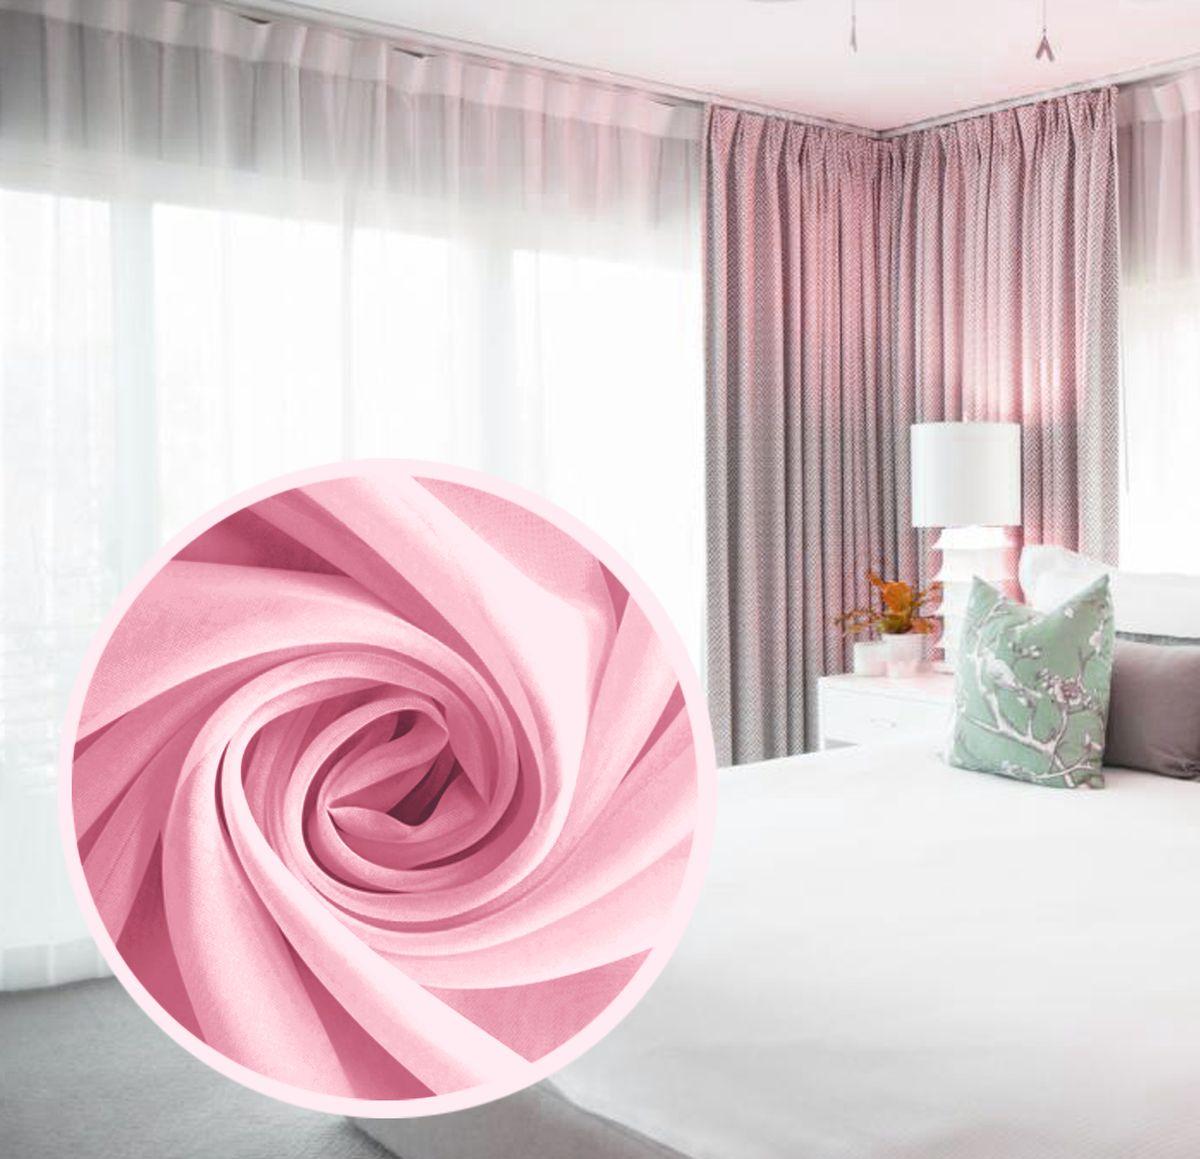 Вуаль Amore Mio Однотонная, 300 х 270 см, 1 шт, цвет: розовый. 77557SVC-300Amore Mio - однотонная легкая вуаль нежного цвета в классическом однотонном исполнении. выполнена из полиэстера.Вуаль незаменимая деталь в оформлении окон спальни и гостинной. Она отлично сочетается практически с любыми портьерами. Изделие на шторной ленте, готово к использованию. Размер: 300 х 270 см.